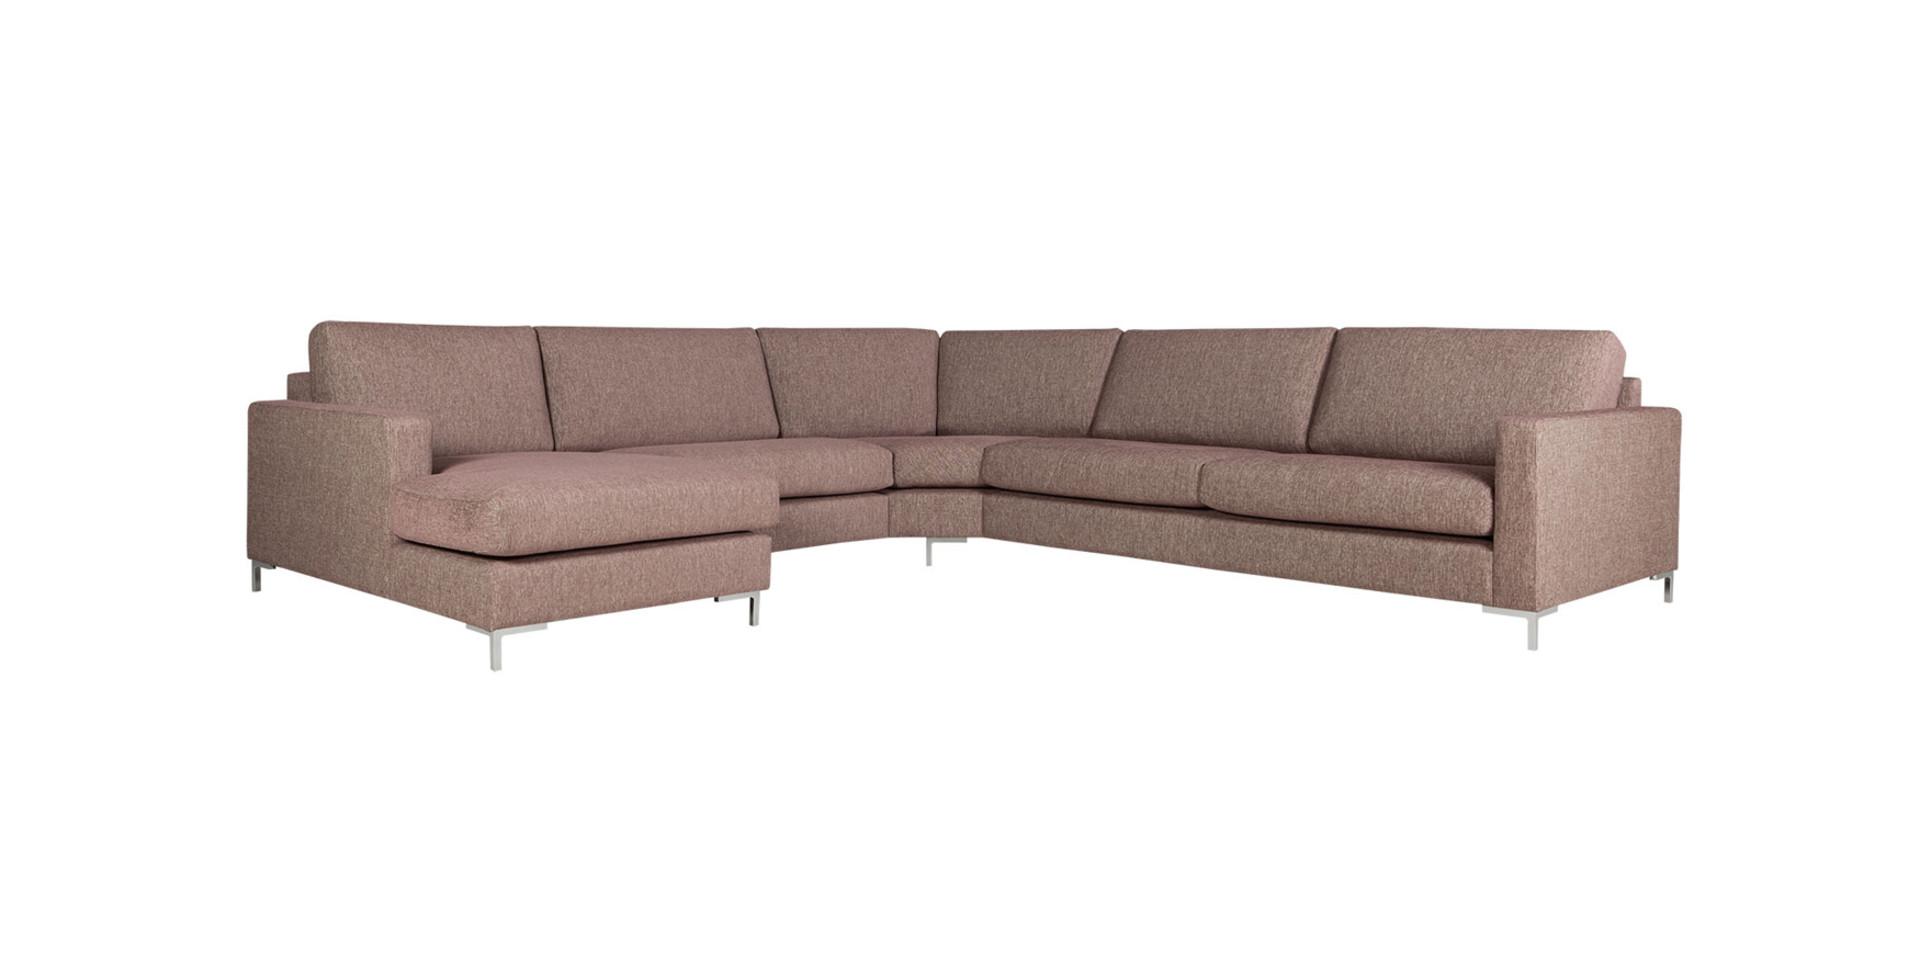 Salon quattro de sits canap salon d angle et fauteuil la modularit et le design en cuir ou - Salon angle tissu ...